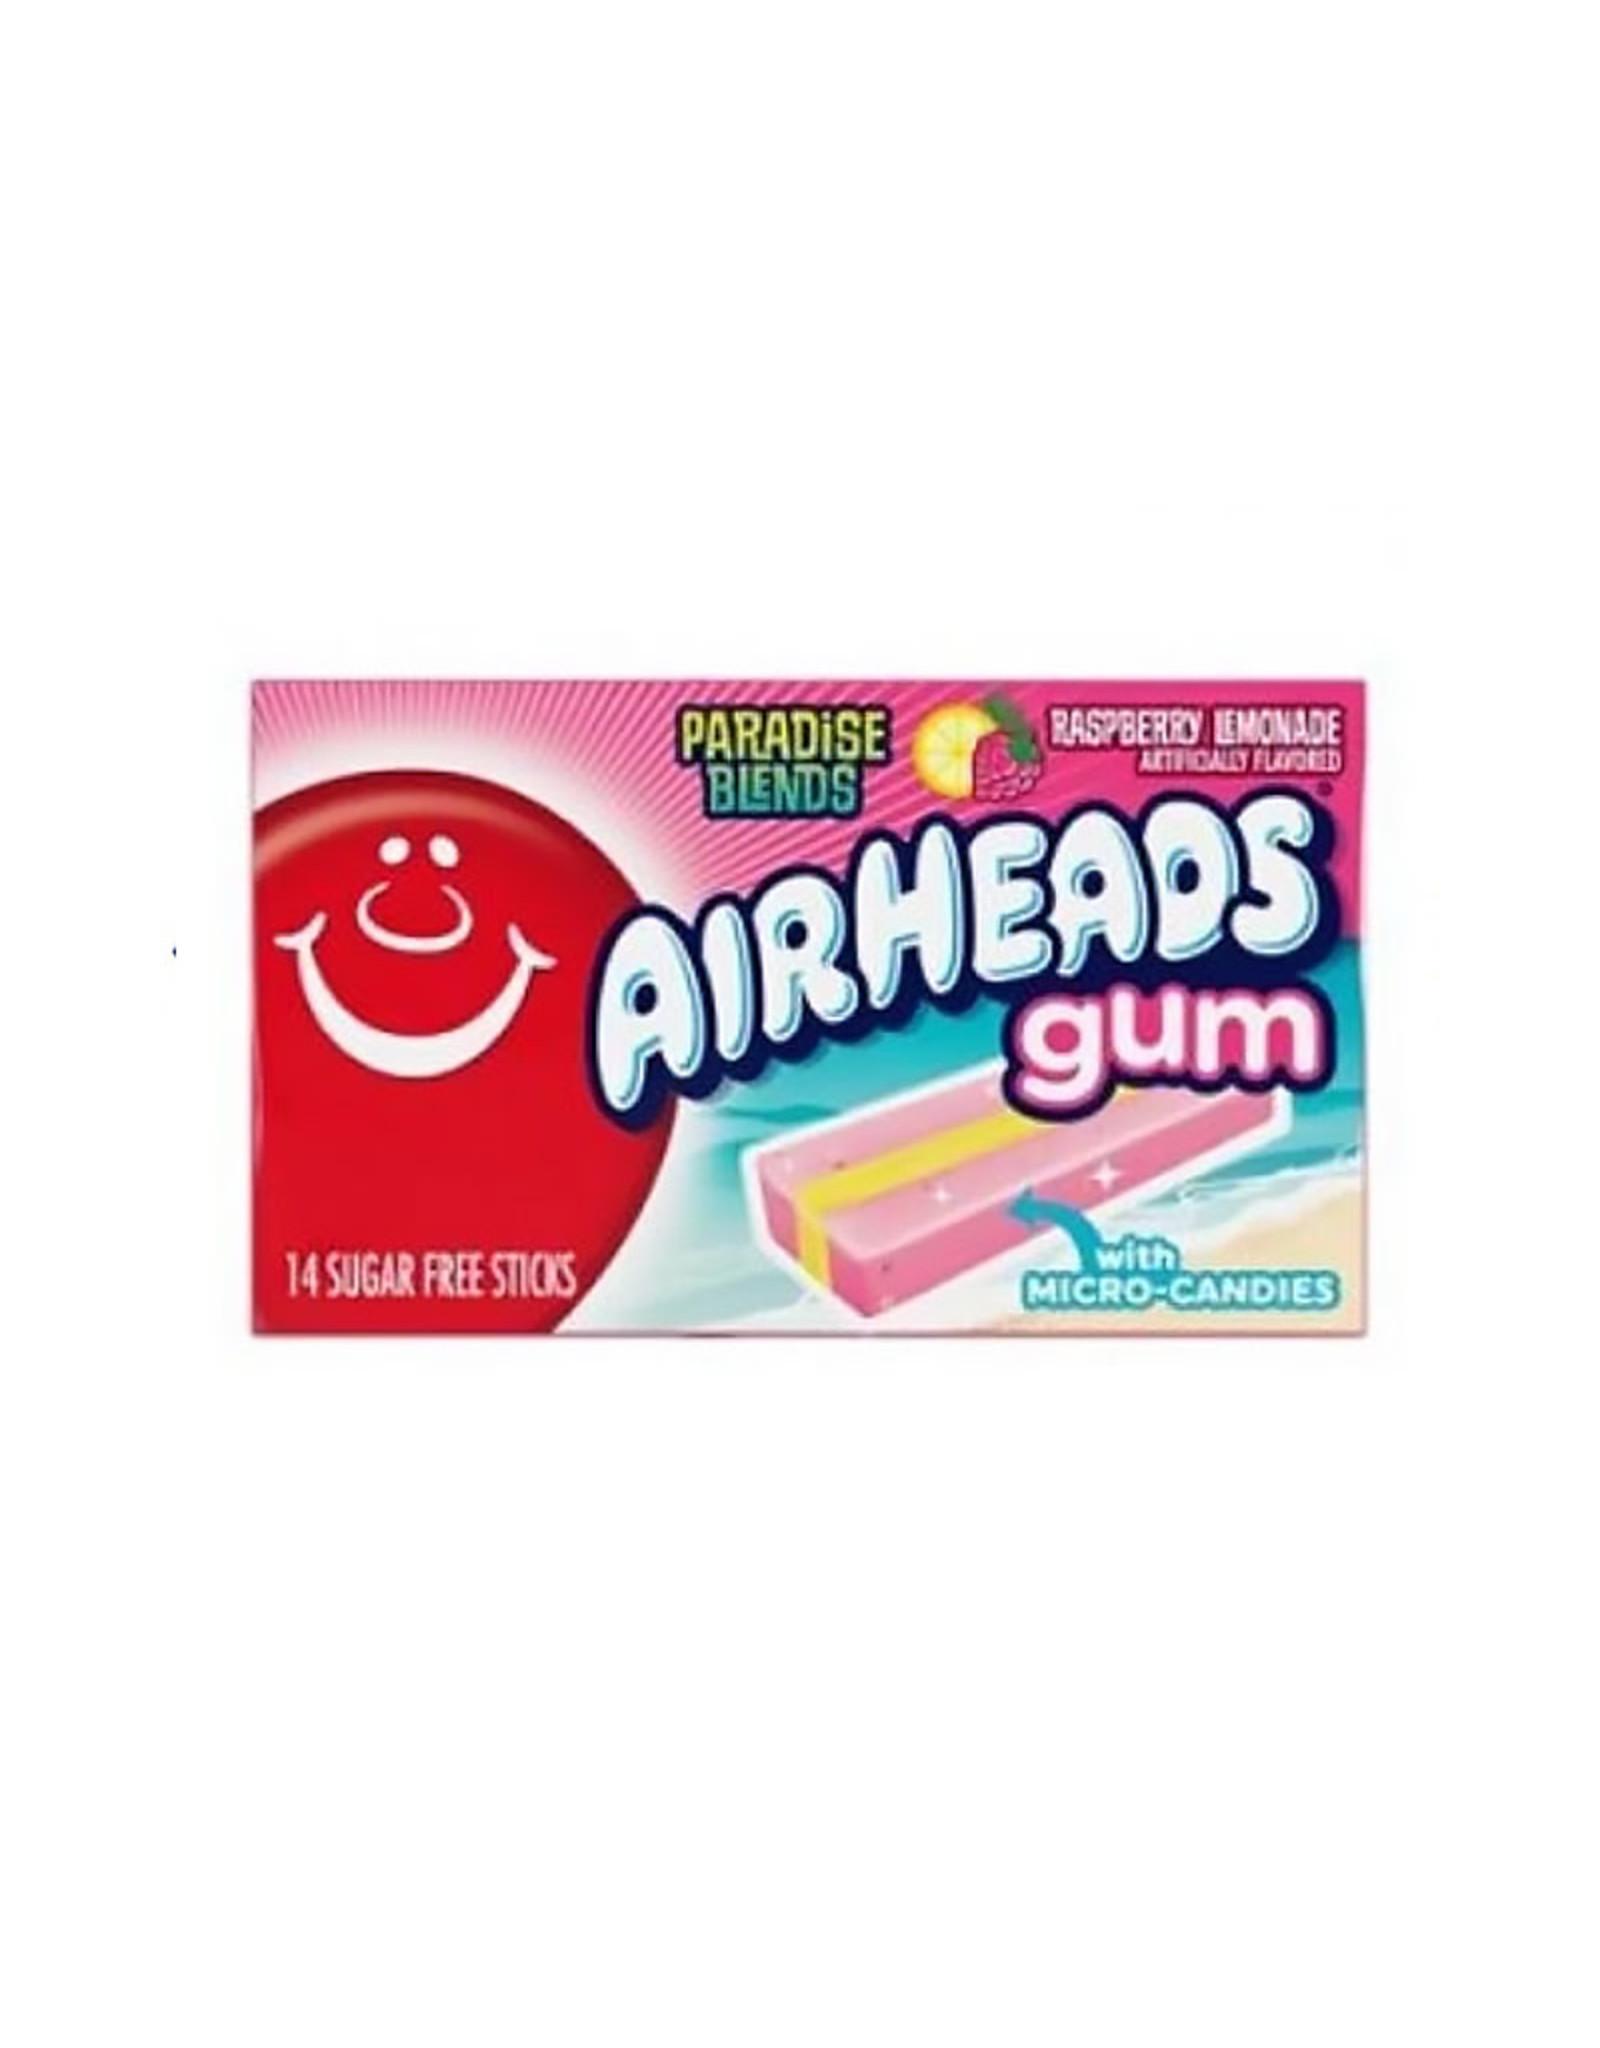 Airheads Gum - Paradise Blends - 14 Sugar Free Sticks